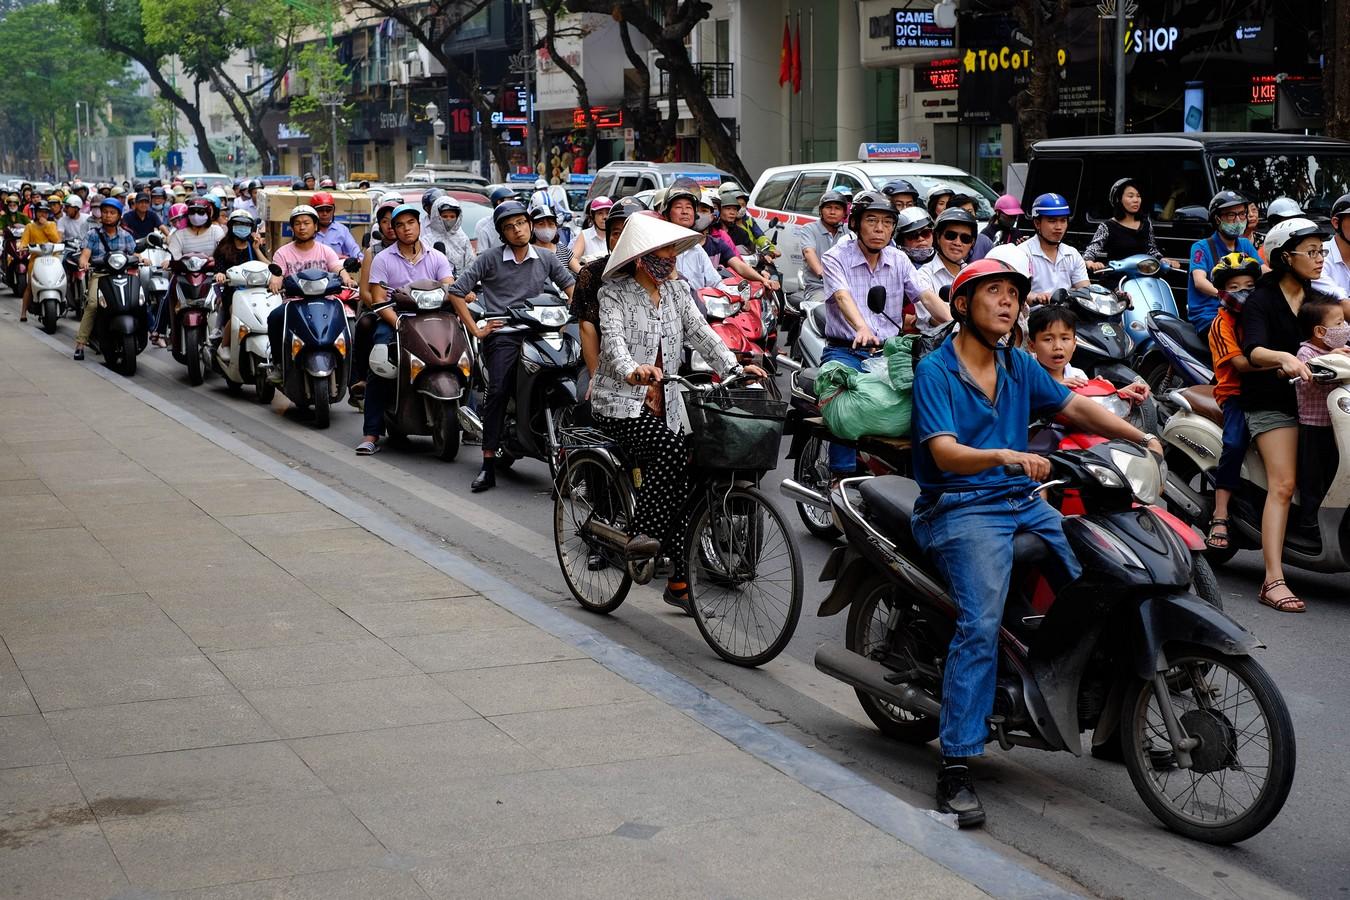 Horde de scooters à Hanoi